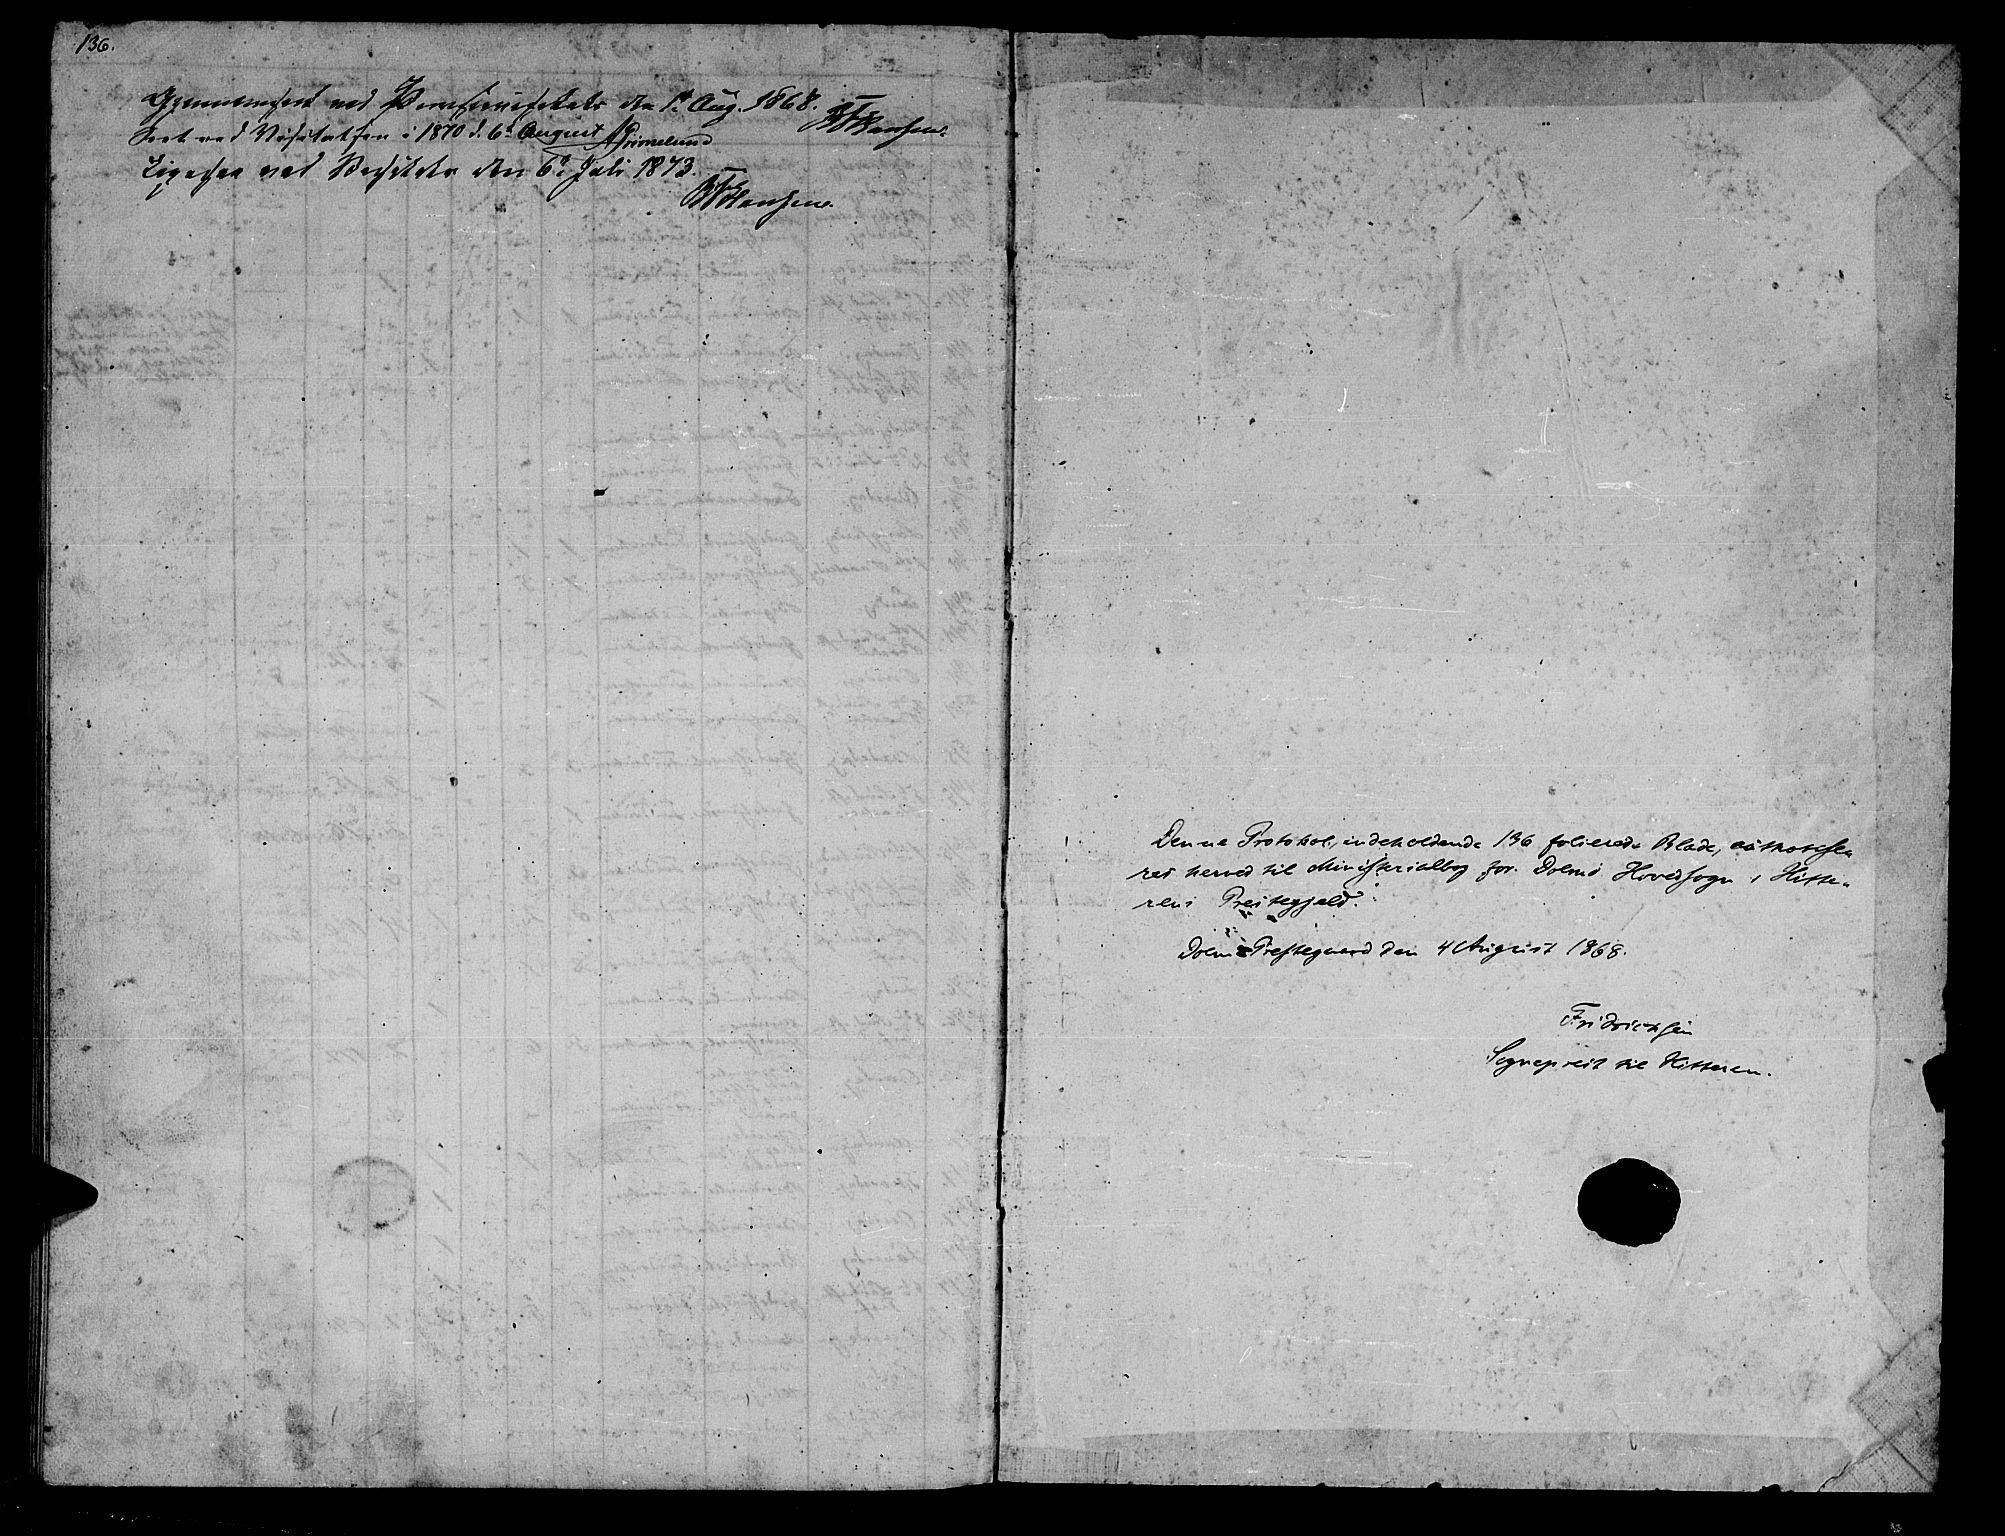 SAT, Ministerialprotokoller, klokkerbøker og fødselsregistre - Sør-Trøndelag, 634/L0539: Klokkerbok nr. 634C01, 1866-1873, s. 136